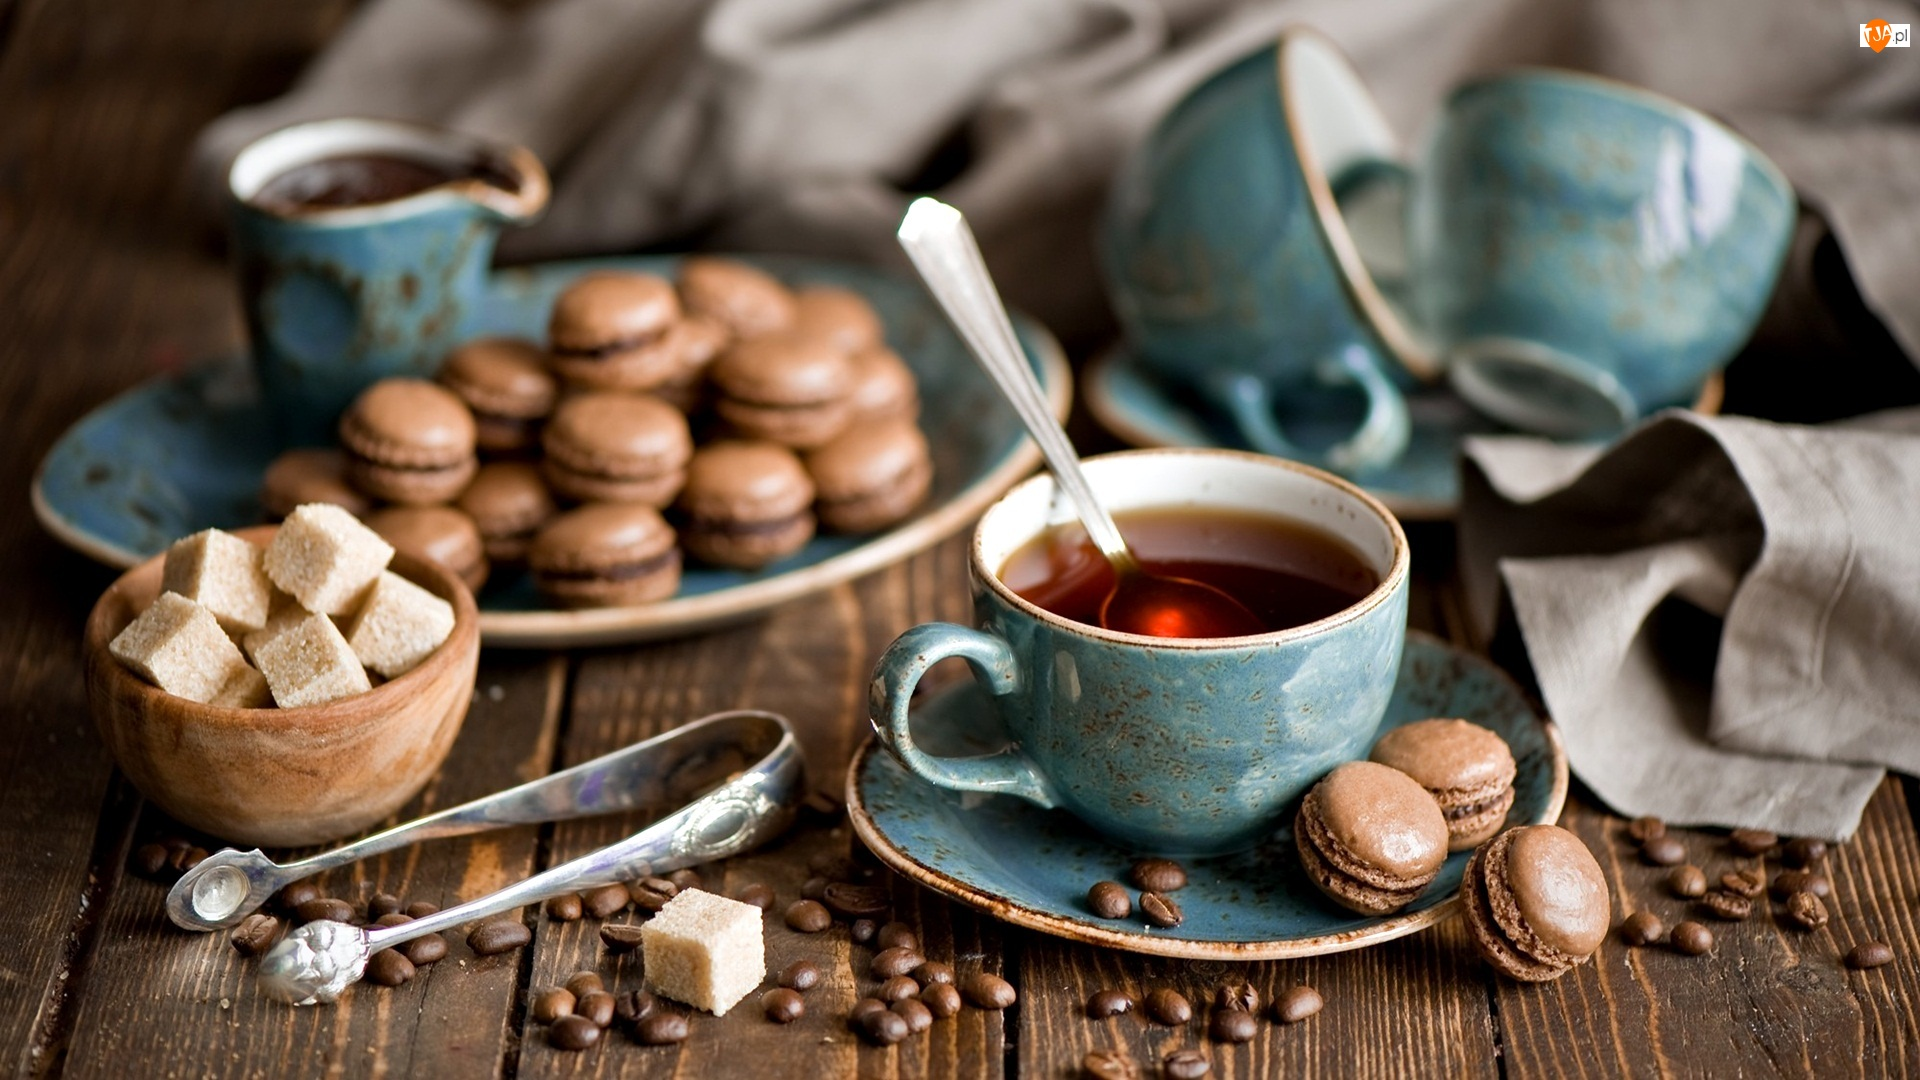 Herbata, Ciasteczka, Kostki, Filiżanka, Cukier, Brązowy, Makaroniki